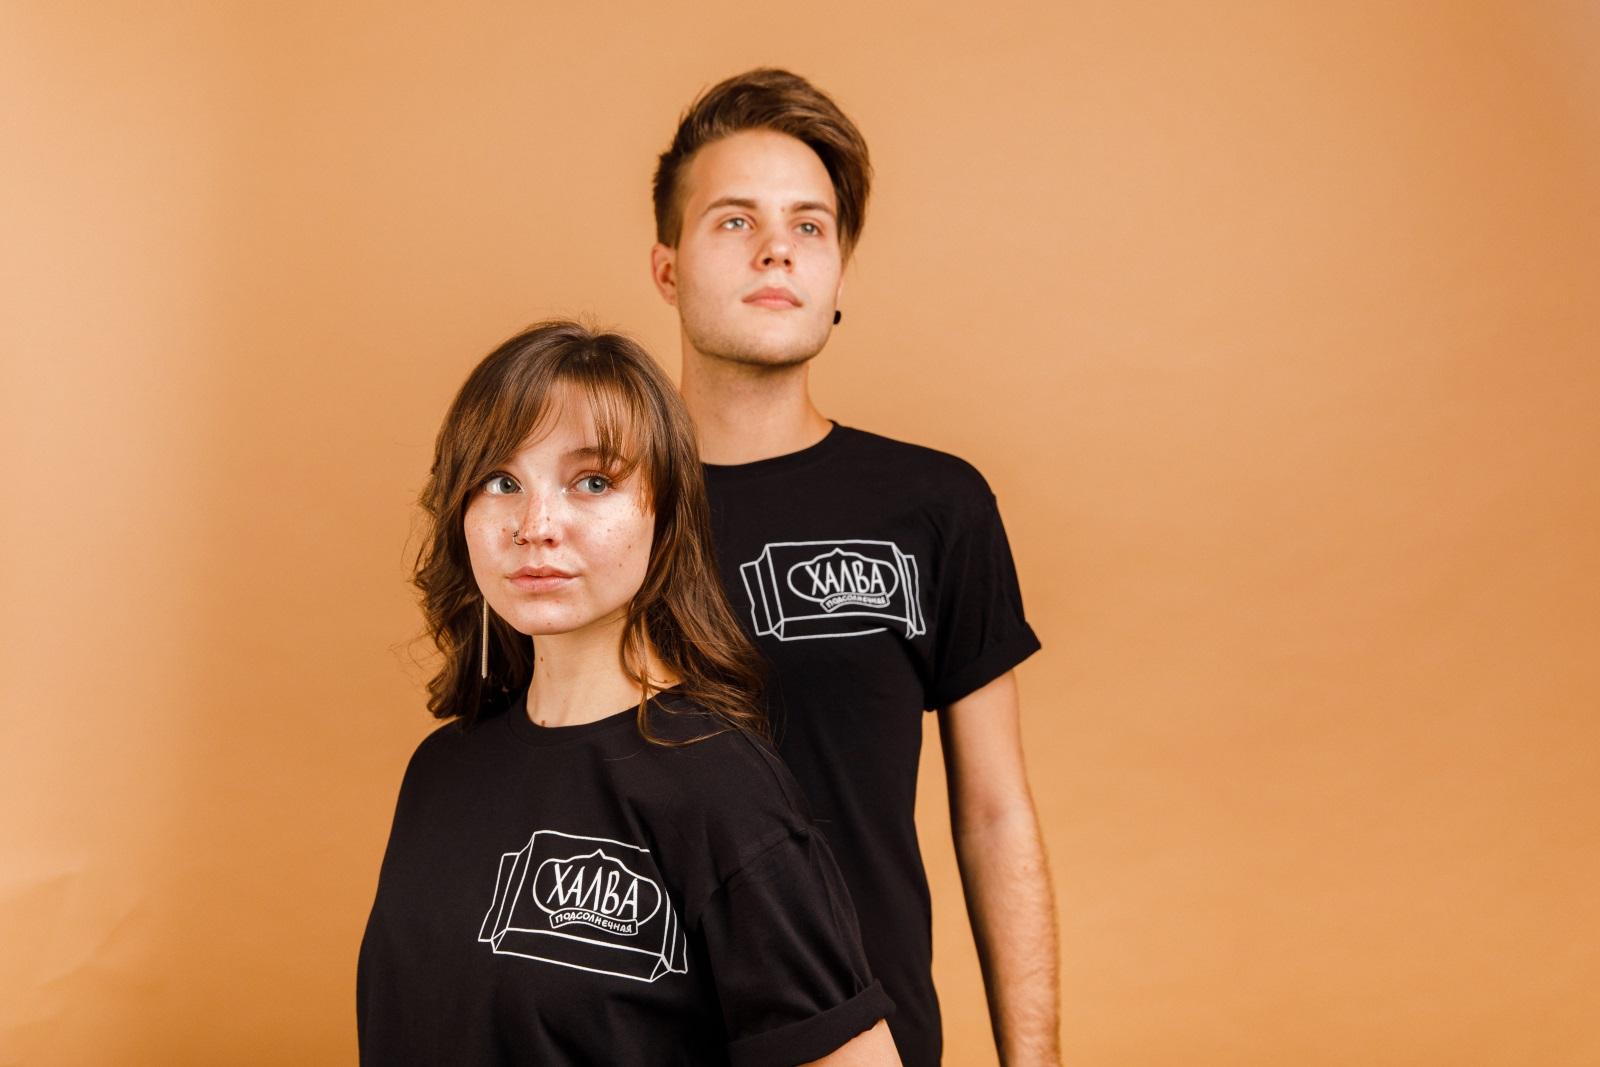 Черная футболка нищее веган выживание, купить в интернет-магазине   vegansurvive.com